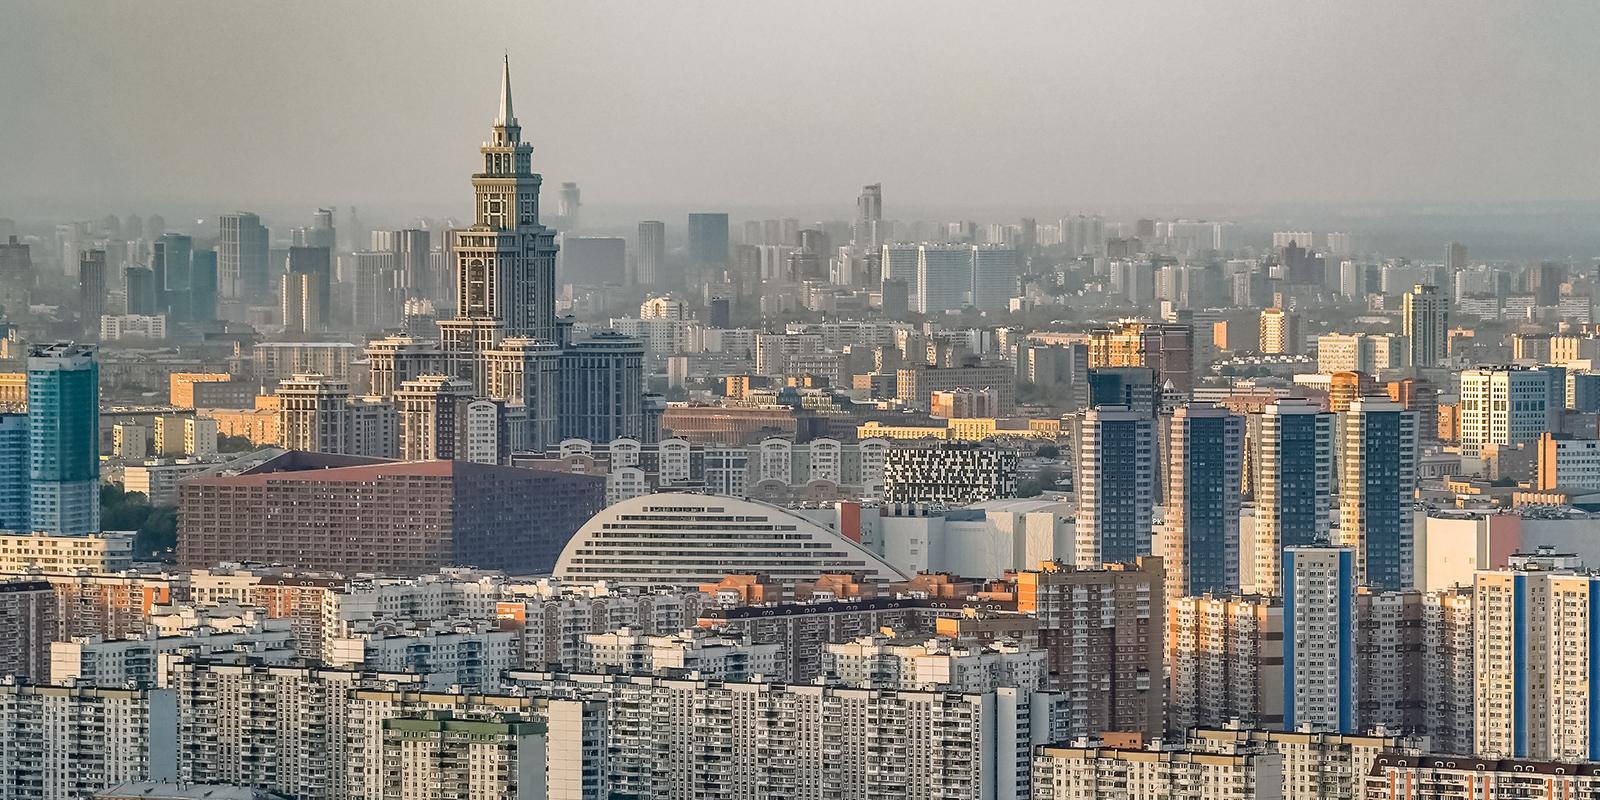 В 2020 году город реализовал на 11 процентов больше объектов недвижимости